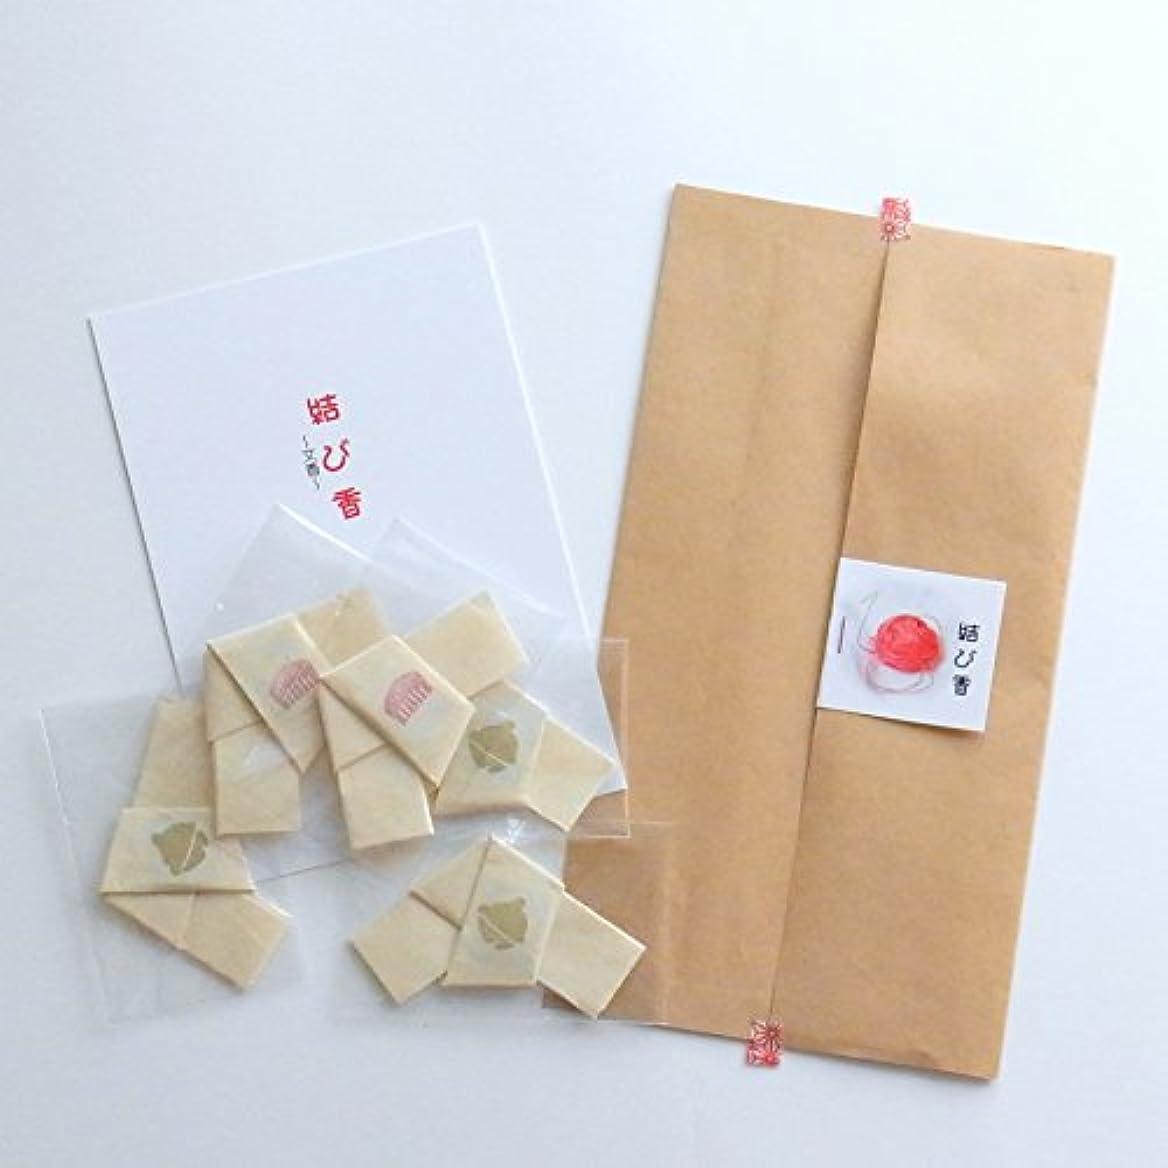 数字スライム肌寒い手紙に添えたり、バッグにしのばせてご縁を結ぶ【結び香】